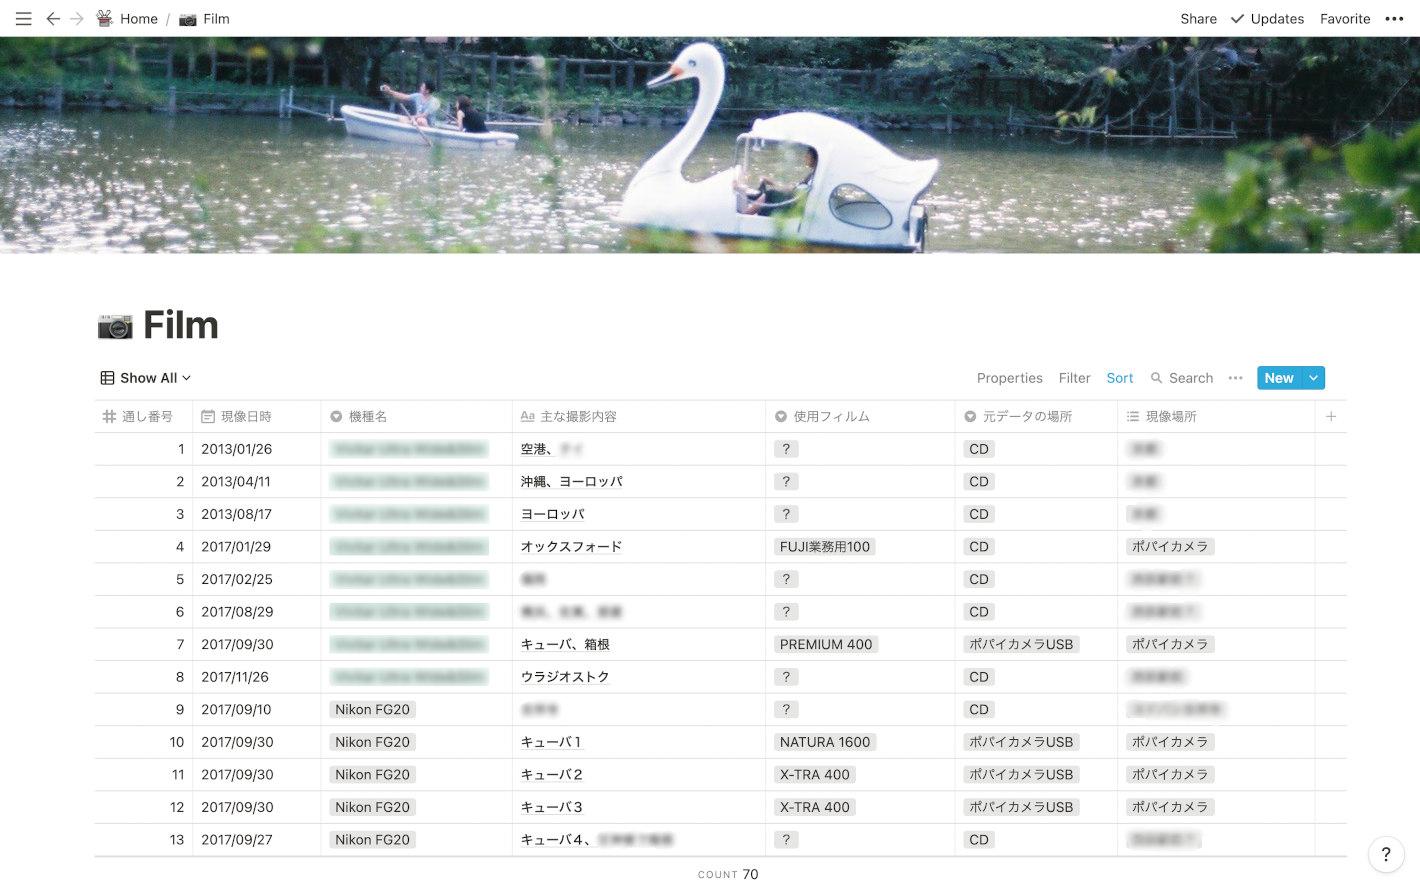 フォトグラファーの写真整理術【フィルム編】データ管理とネガ・CD収納。どちらも手間いらずで整理する方法